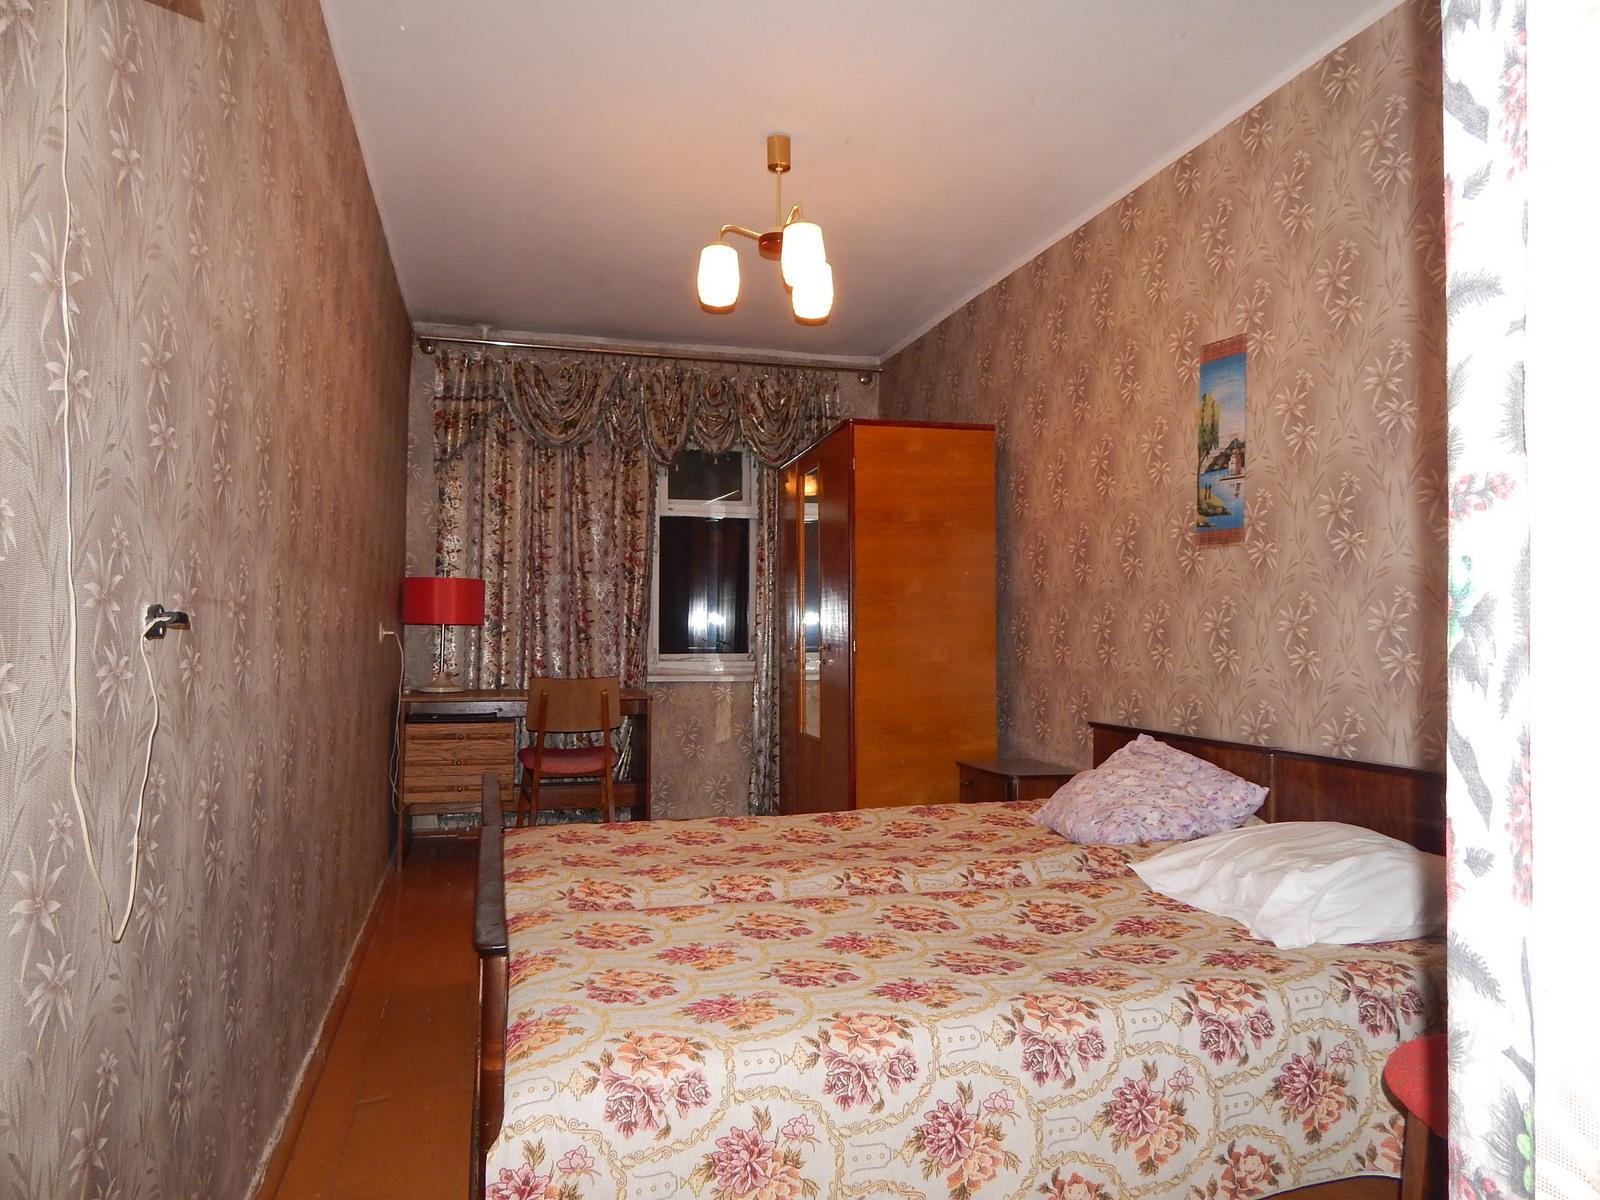 Продажа двухкомнатной квартиры, Минск, Одоевского ул., 35 - фото 5